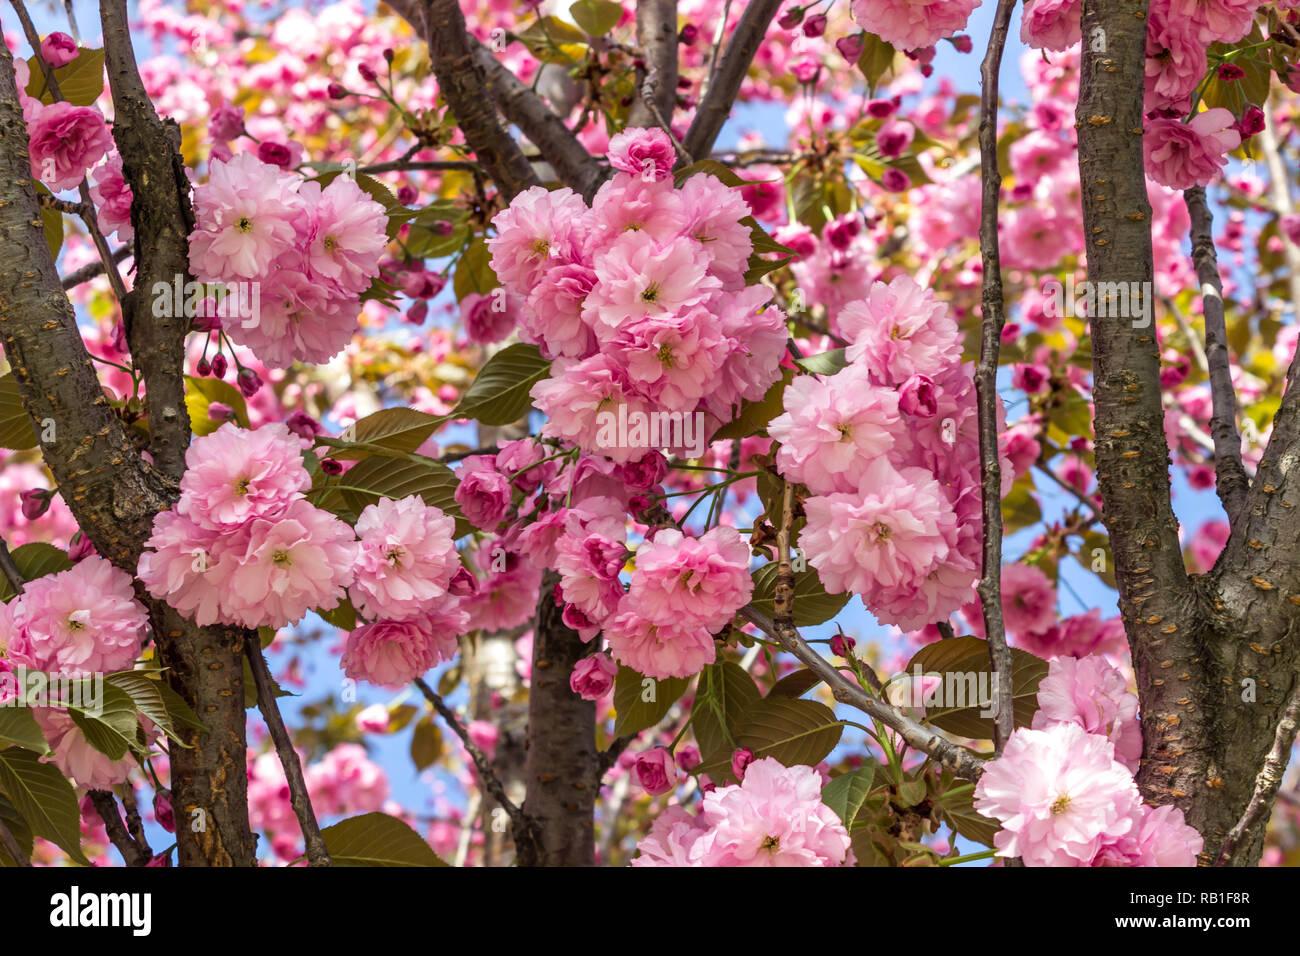 Hermosas flores de cerezo de sakura, el fondo. Primavera florales de fondo. Sakura de cerezo en flor en una primavera cálida y soleada tarde. Foto de stock